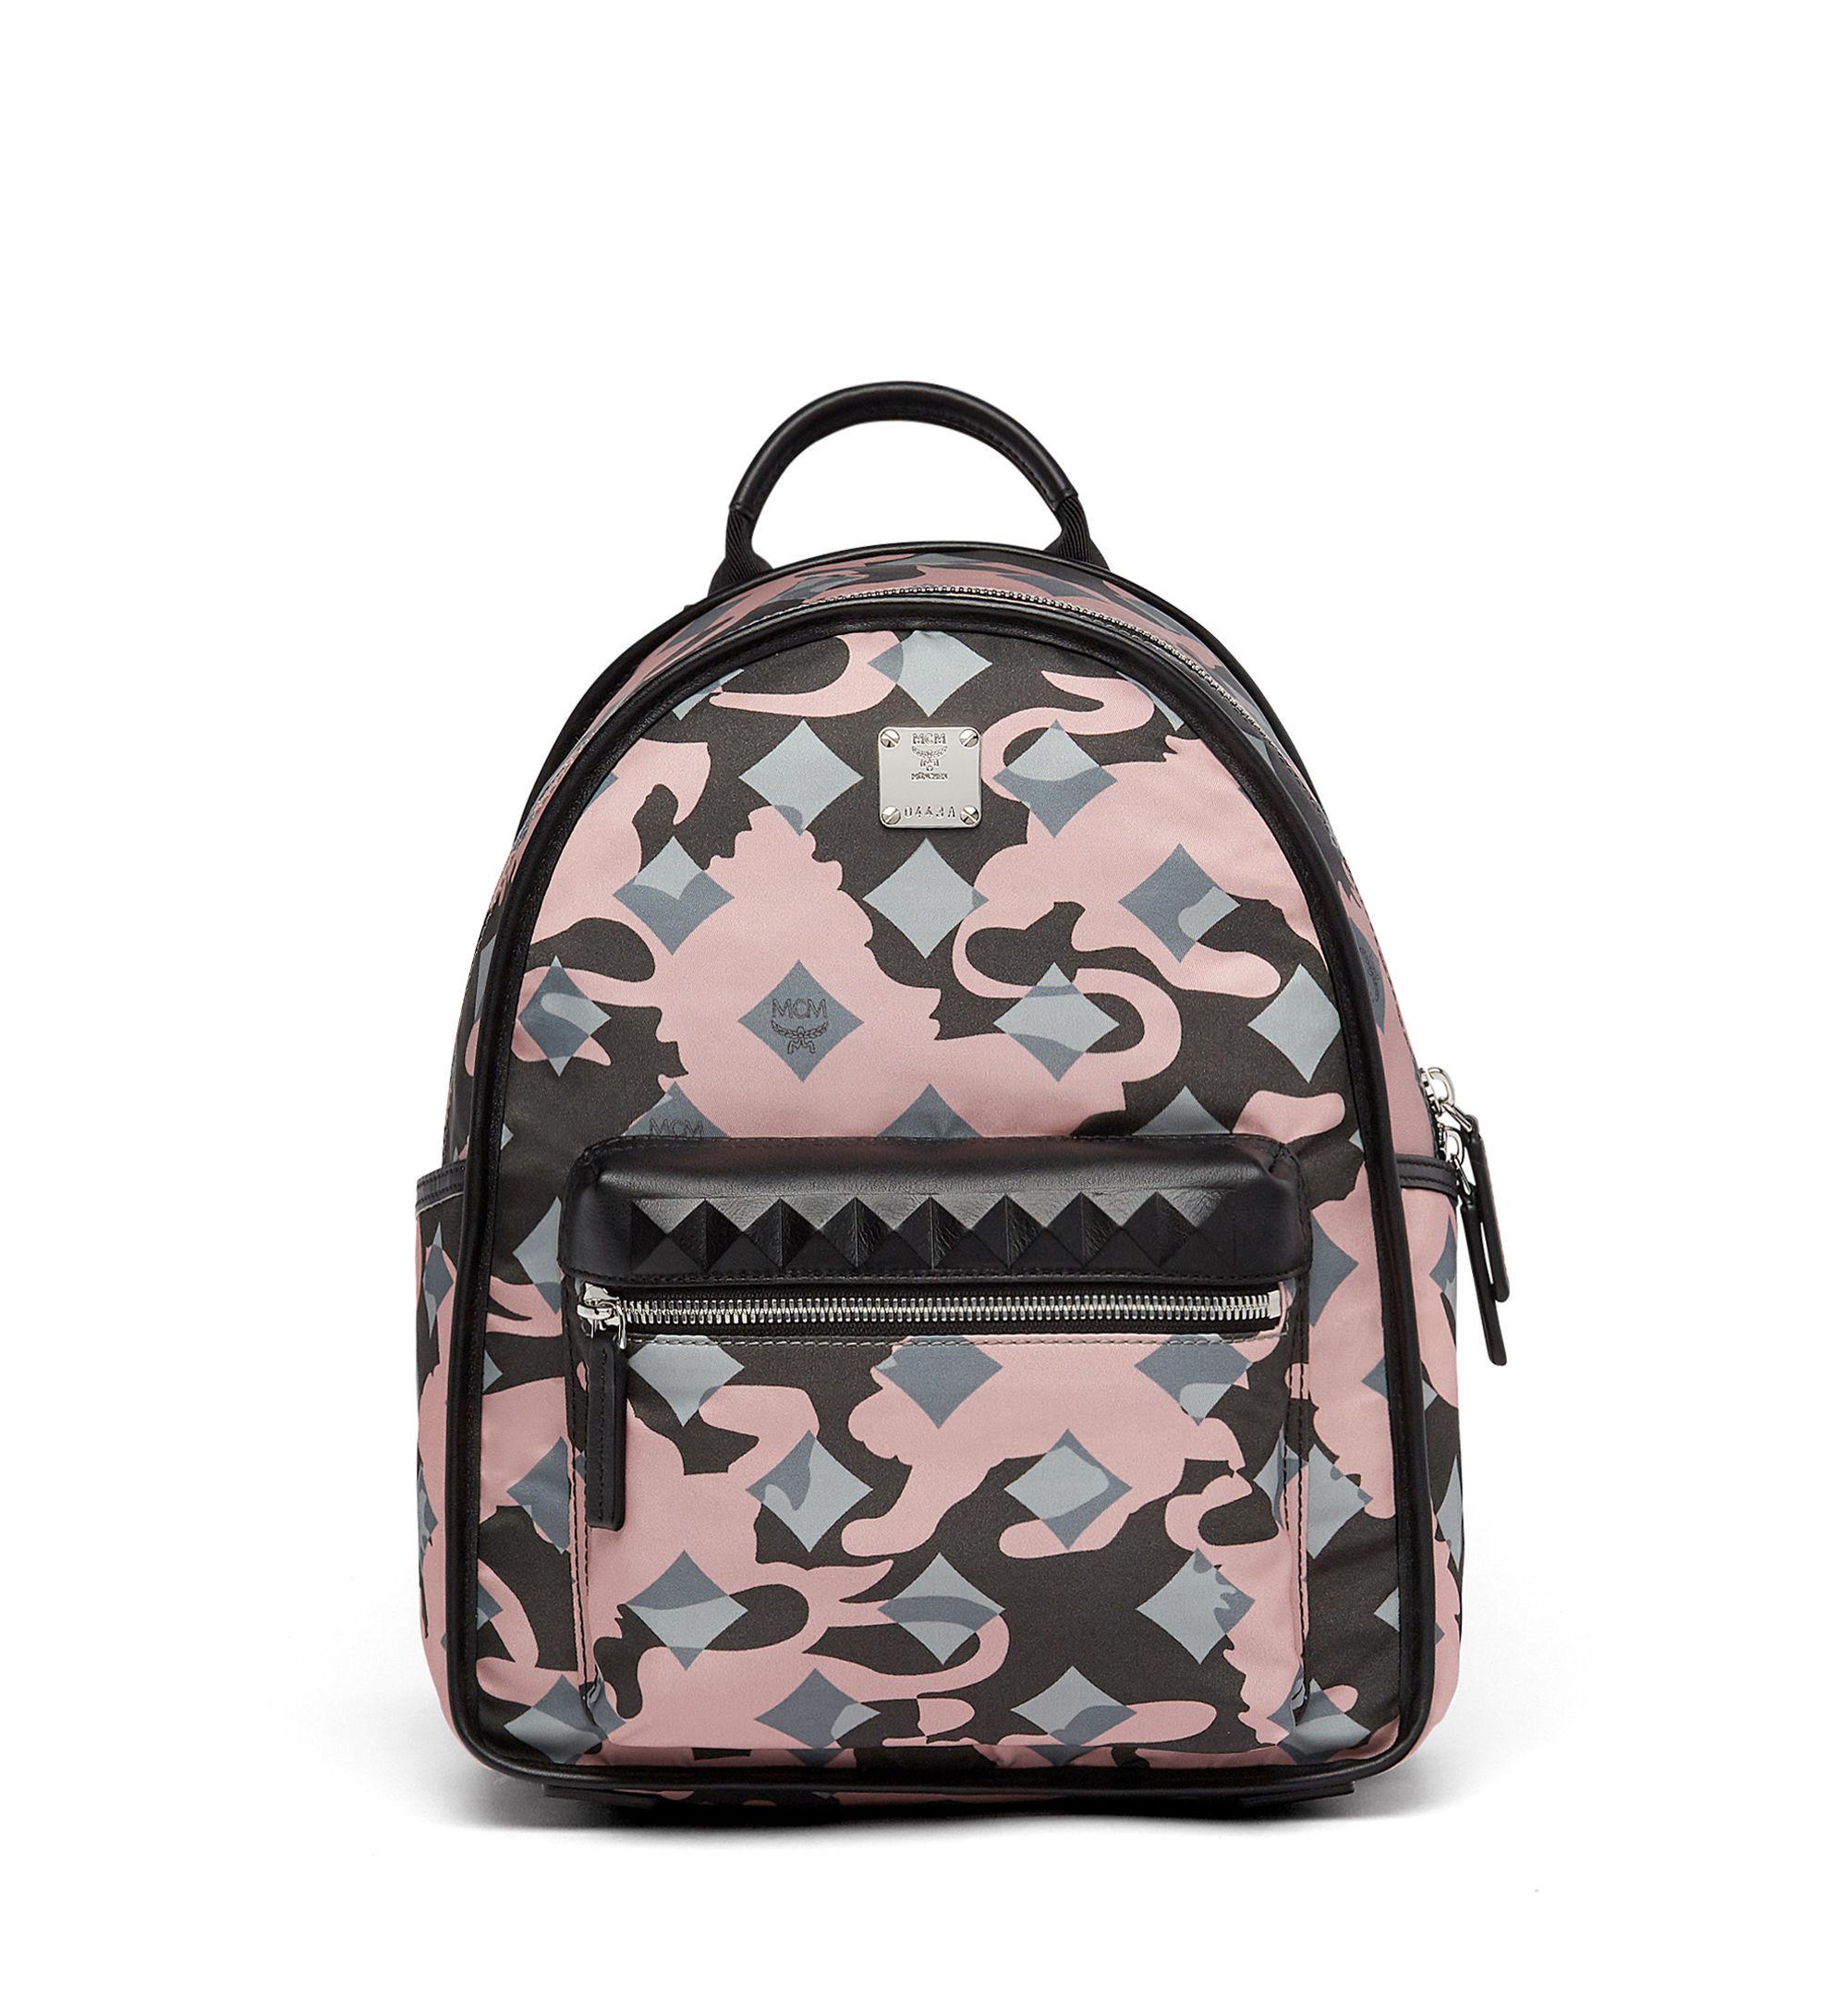 adea54aa9f7f4 Pink Camo Backpack Purse – Patmo Technologies Limited